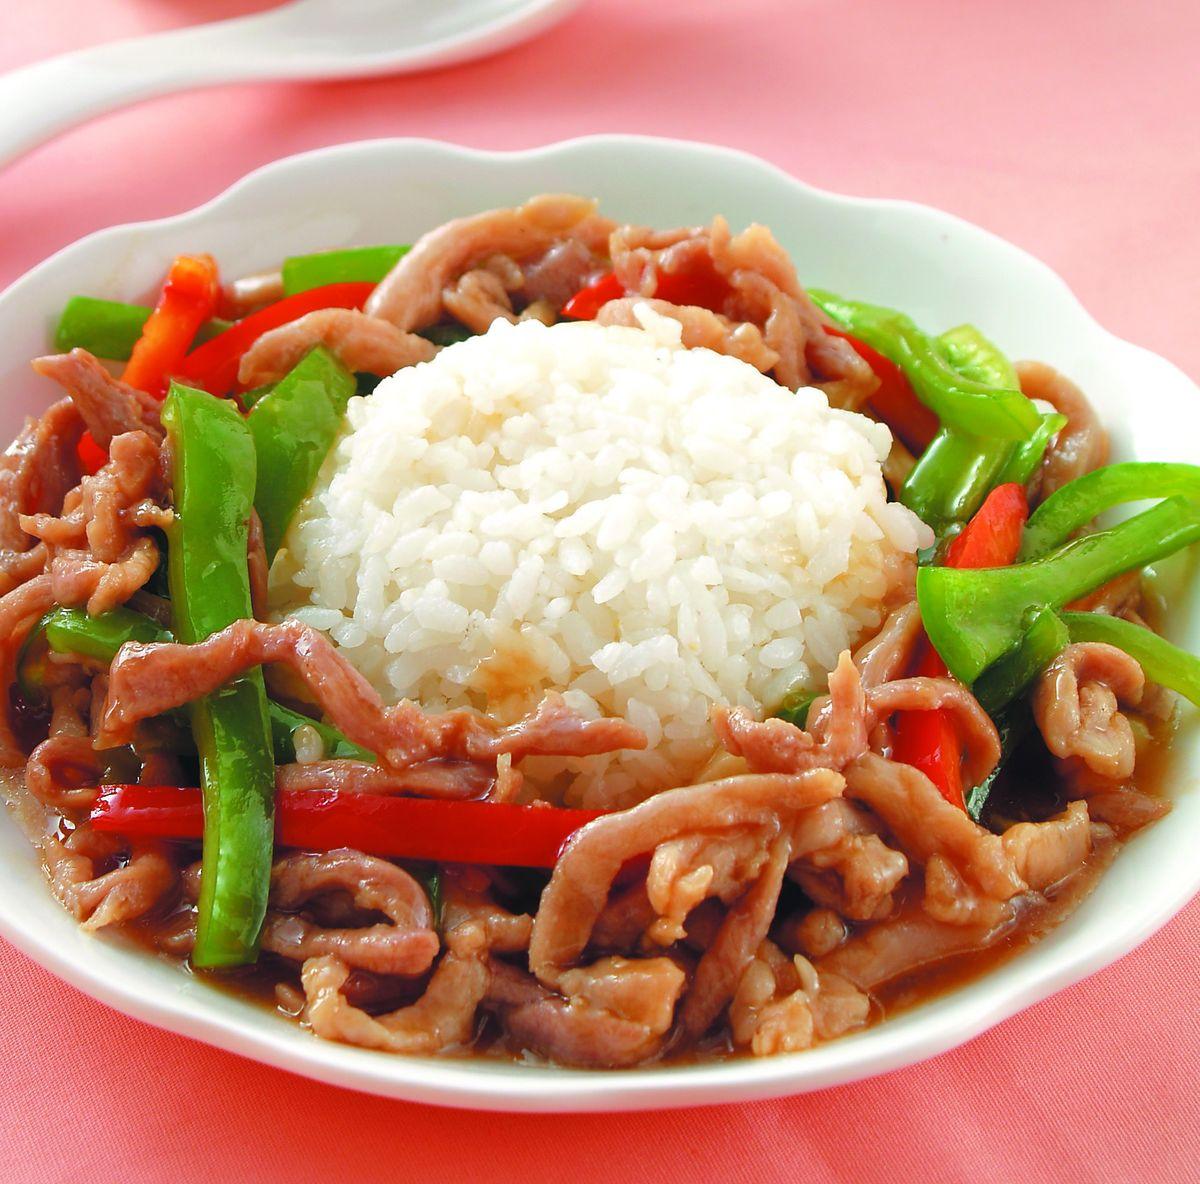 食譜:青椒肉絲燴飯